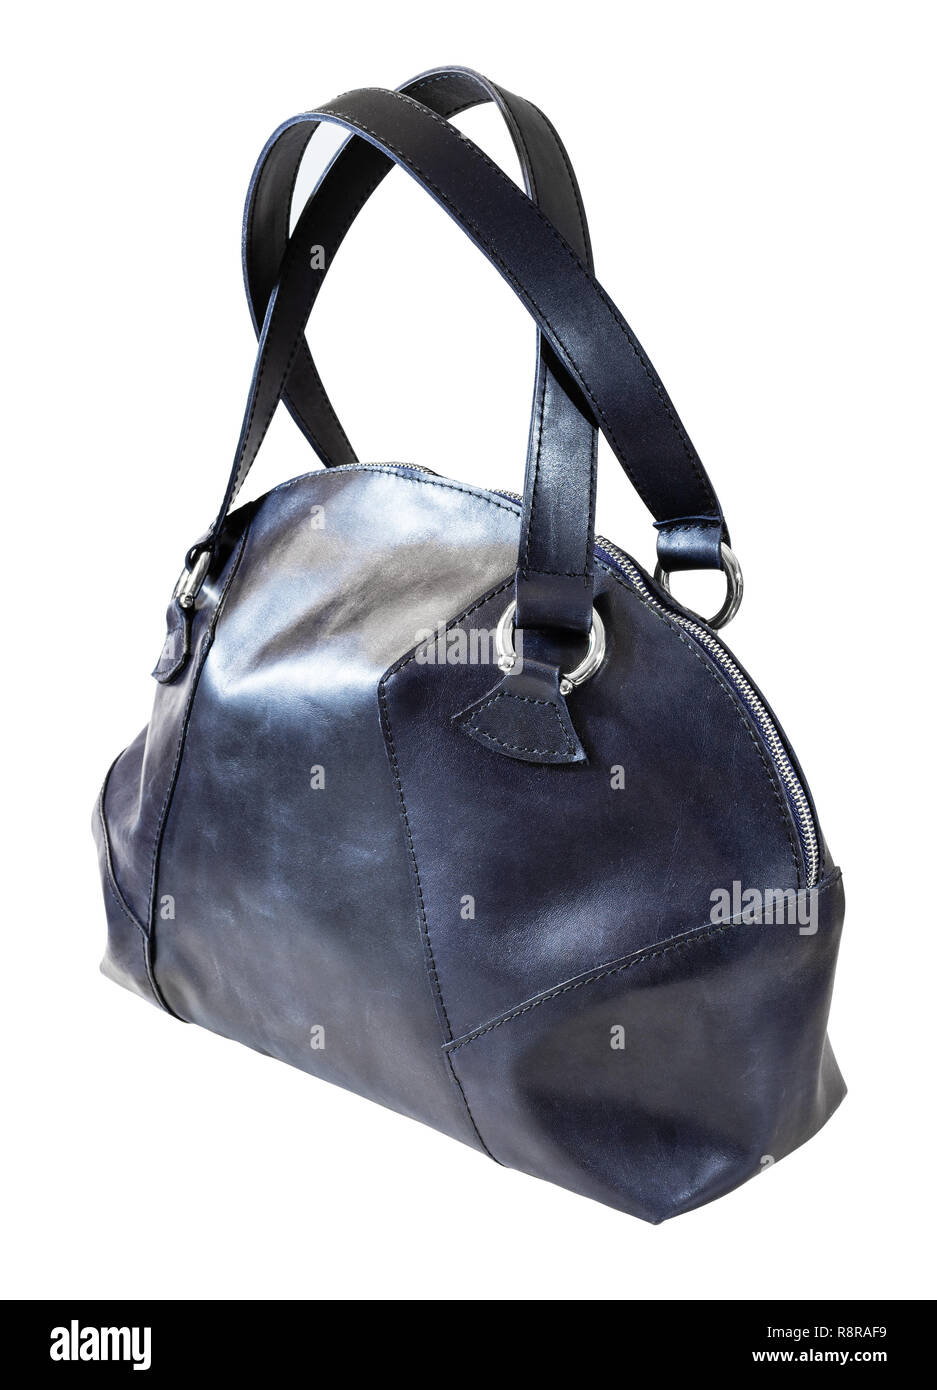 f5ef2d6a568d3 Vorderansicht des handgefertigten Dunkelblau Leder Handtasche auf weißem  Hintergrund Stockbild